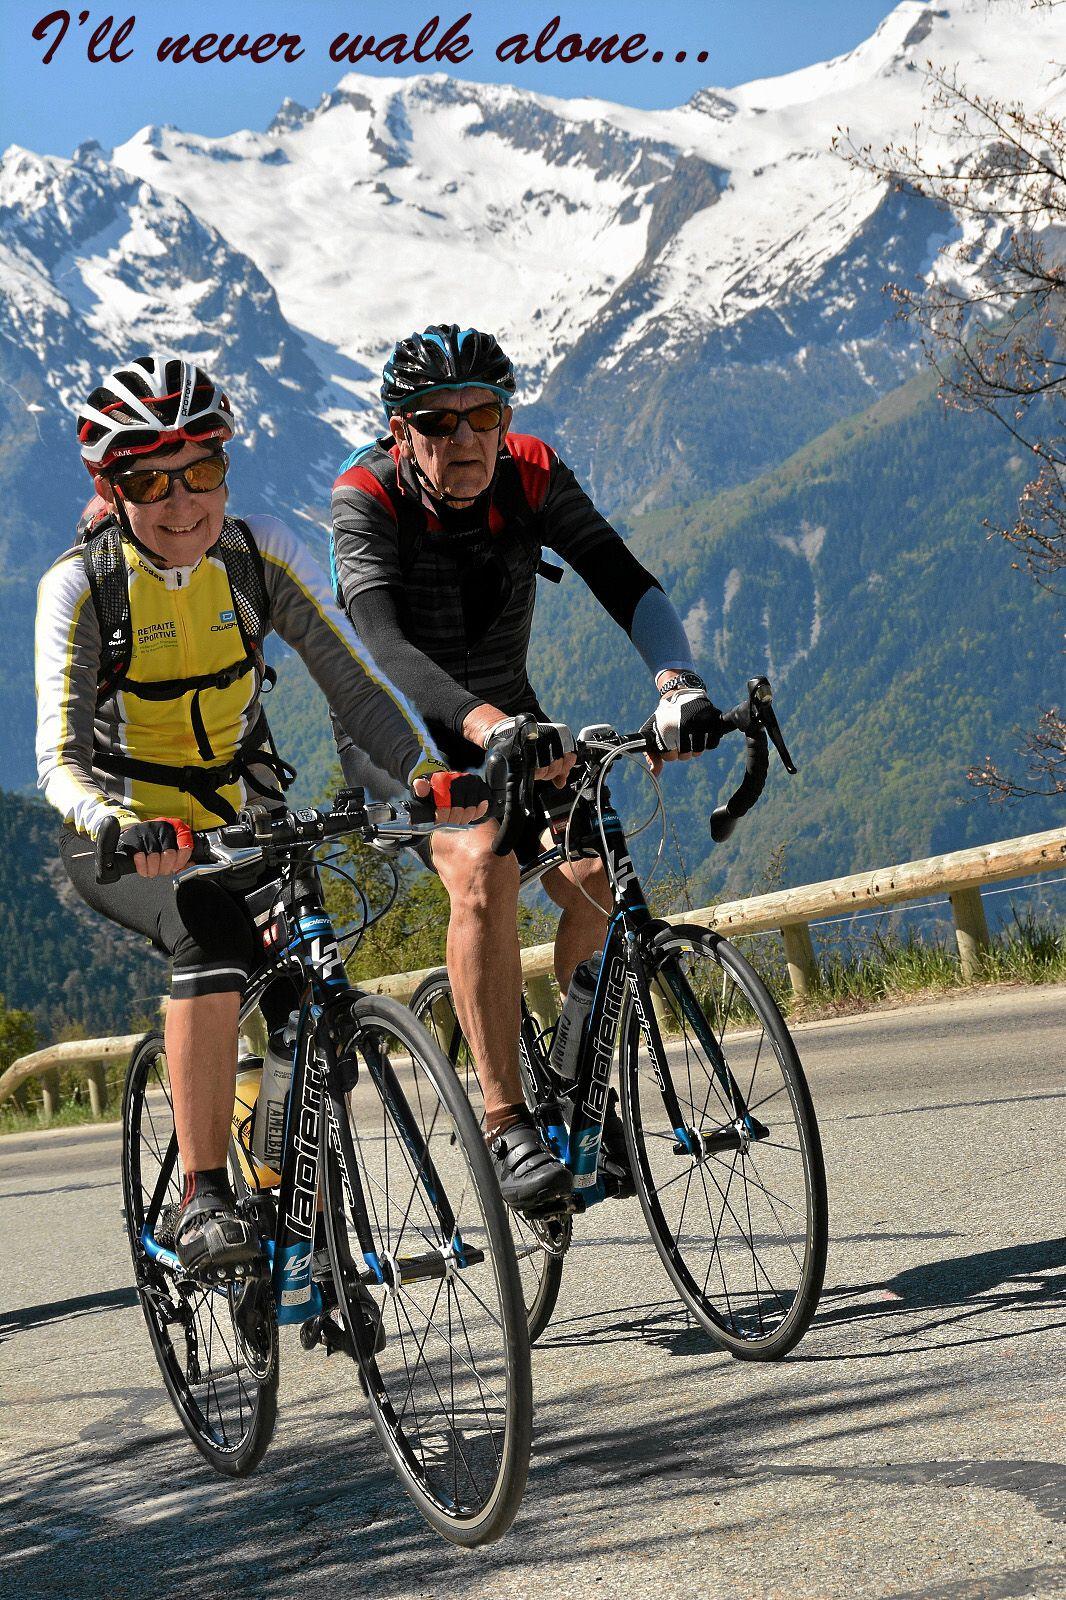 Jean Didier et Rolande inséparables et en grandes ascensions comme ils les aiment